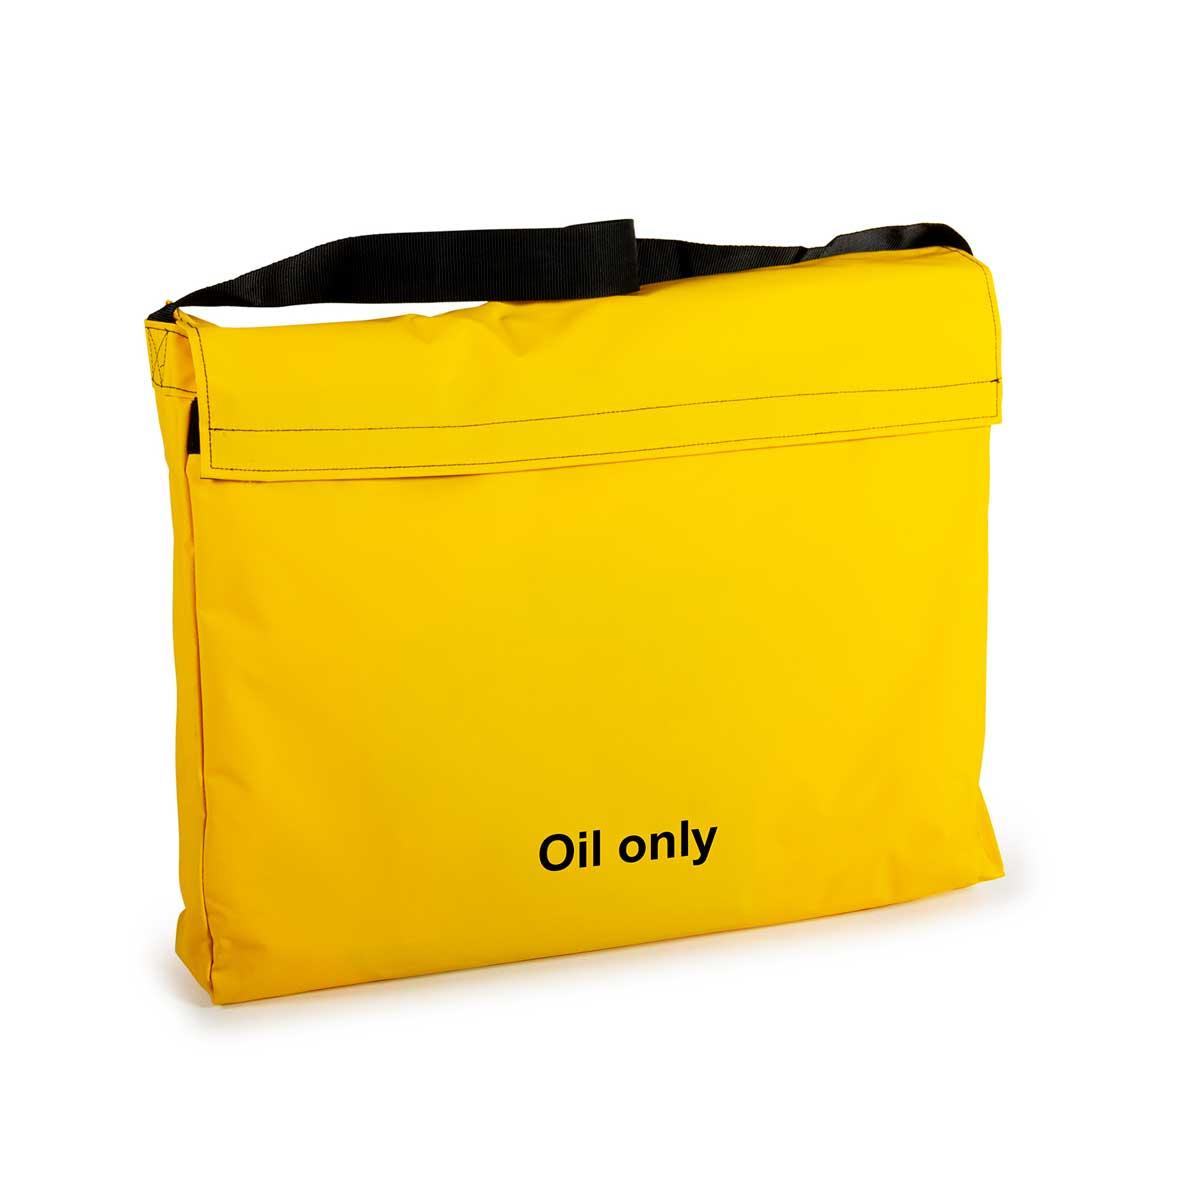 50L Oil Only Spill Kit